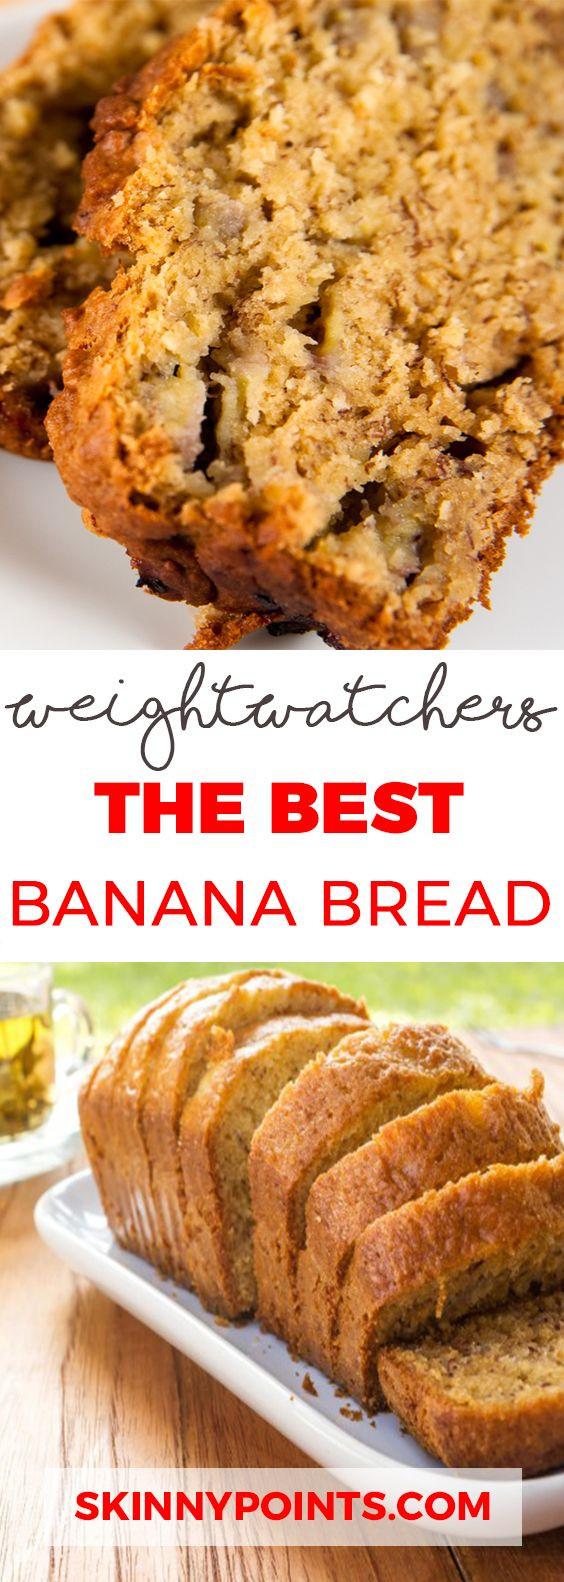 Weight Watchers Desserts Smart Points  25 Best Weight Watchers Desserts Recipes with SmartPoints